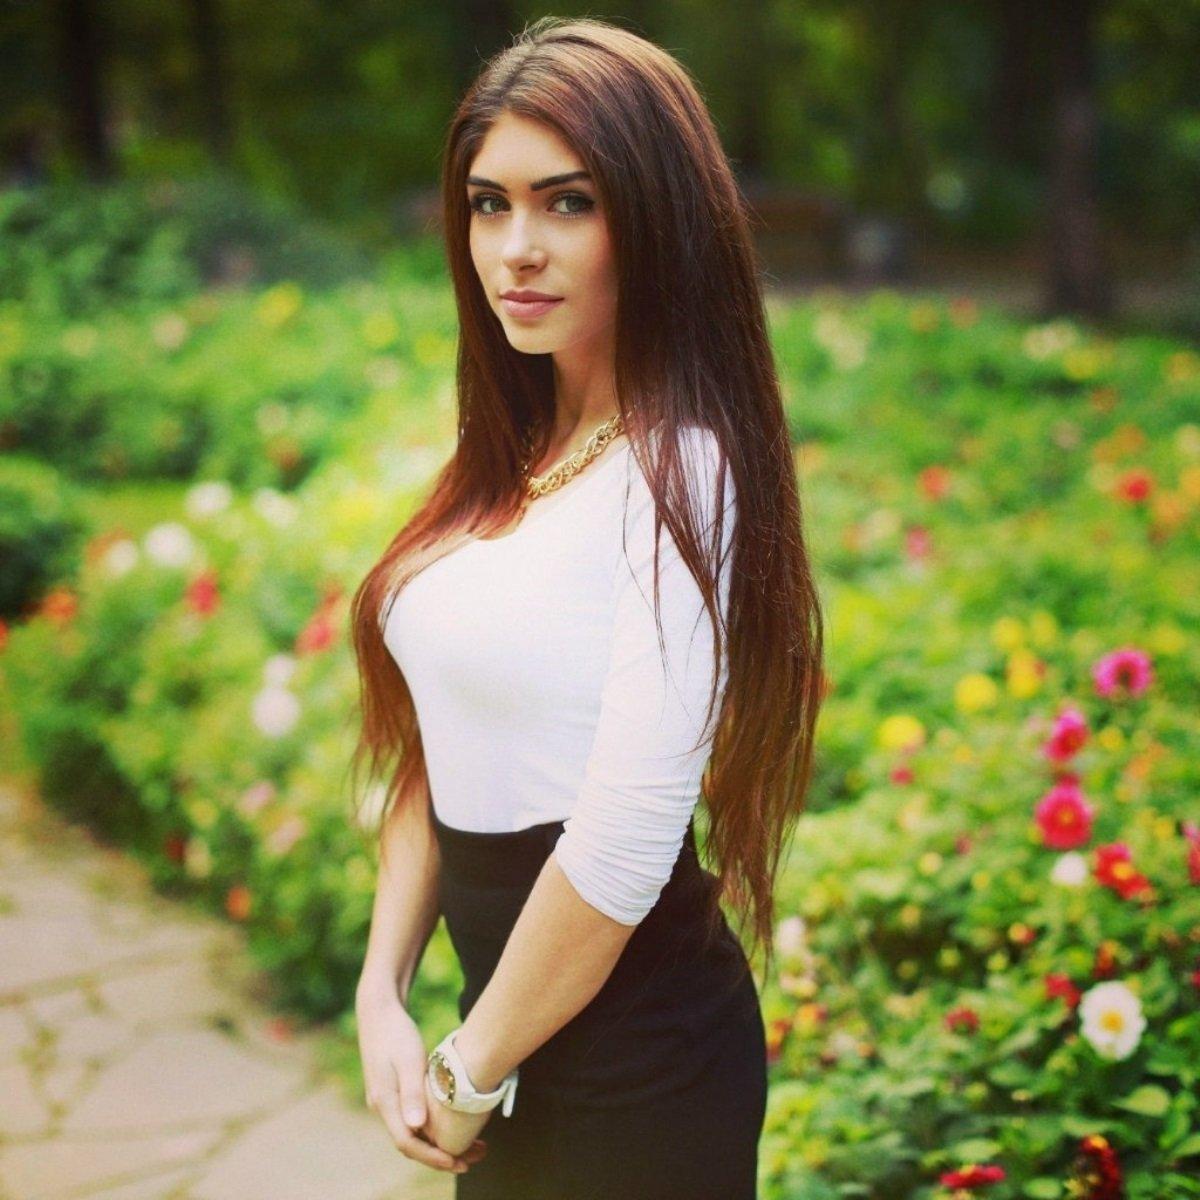 Армянки фото и телефон